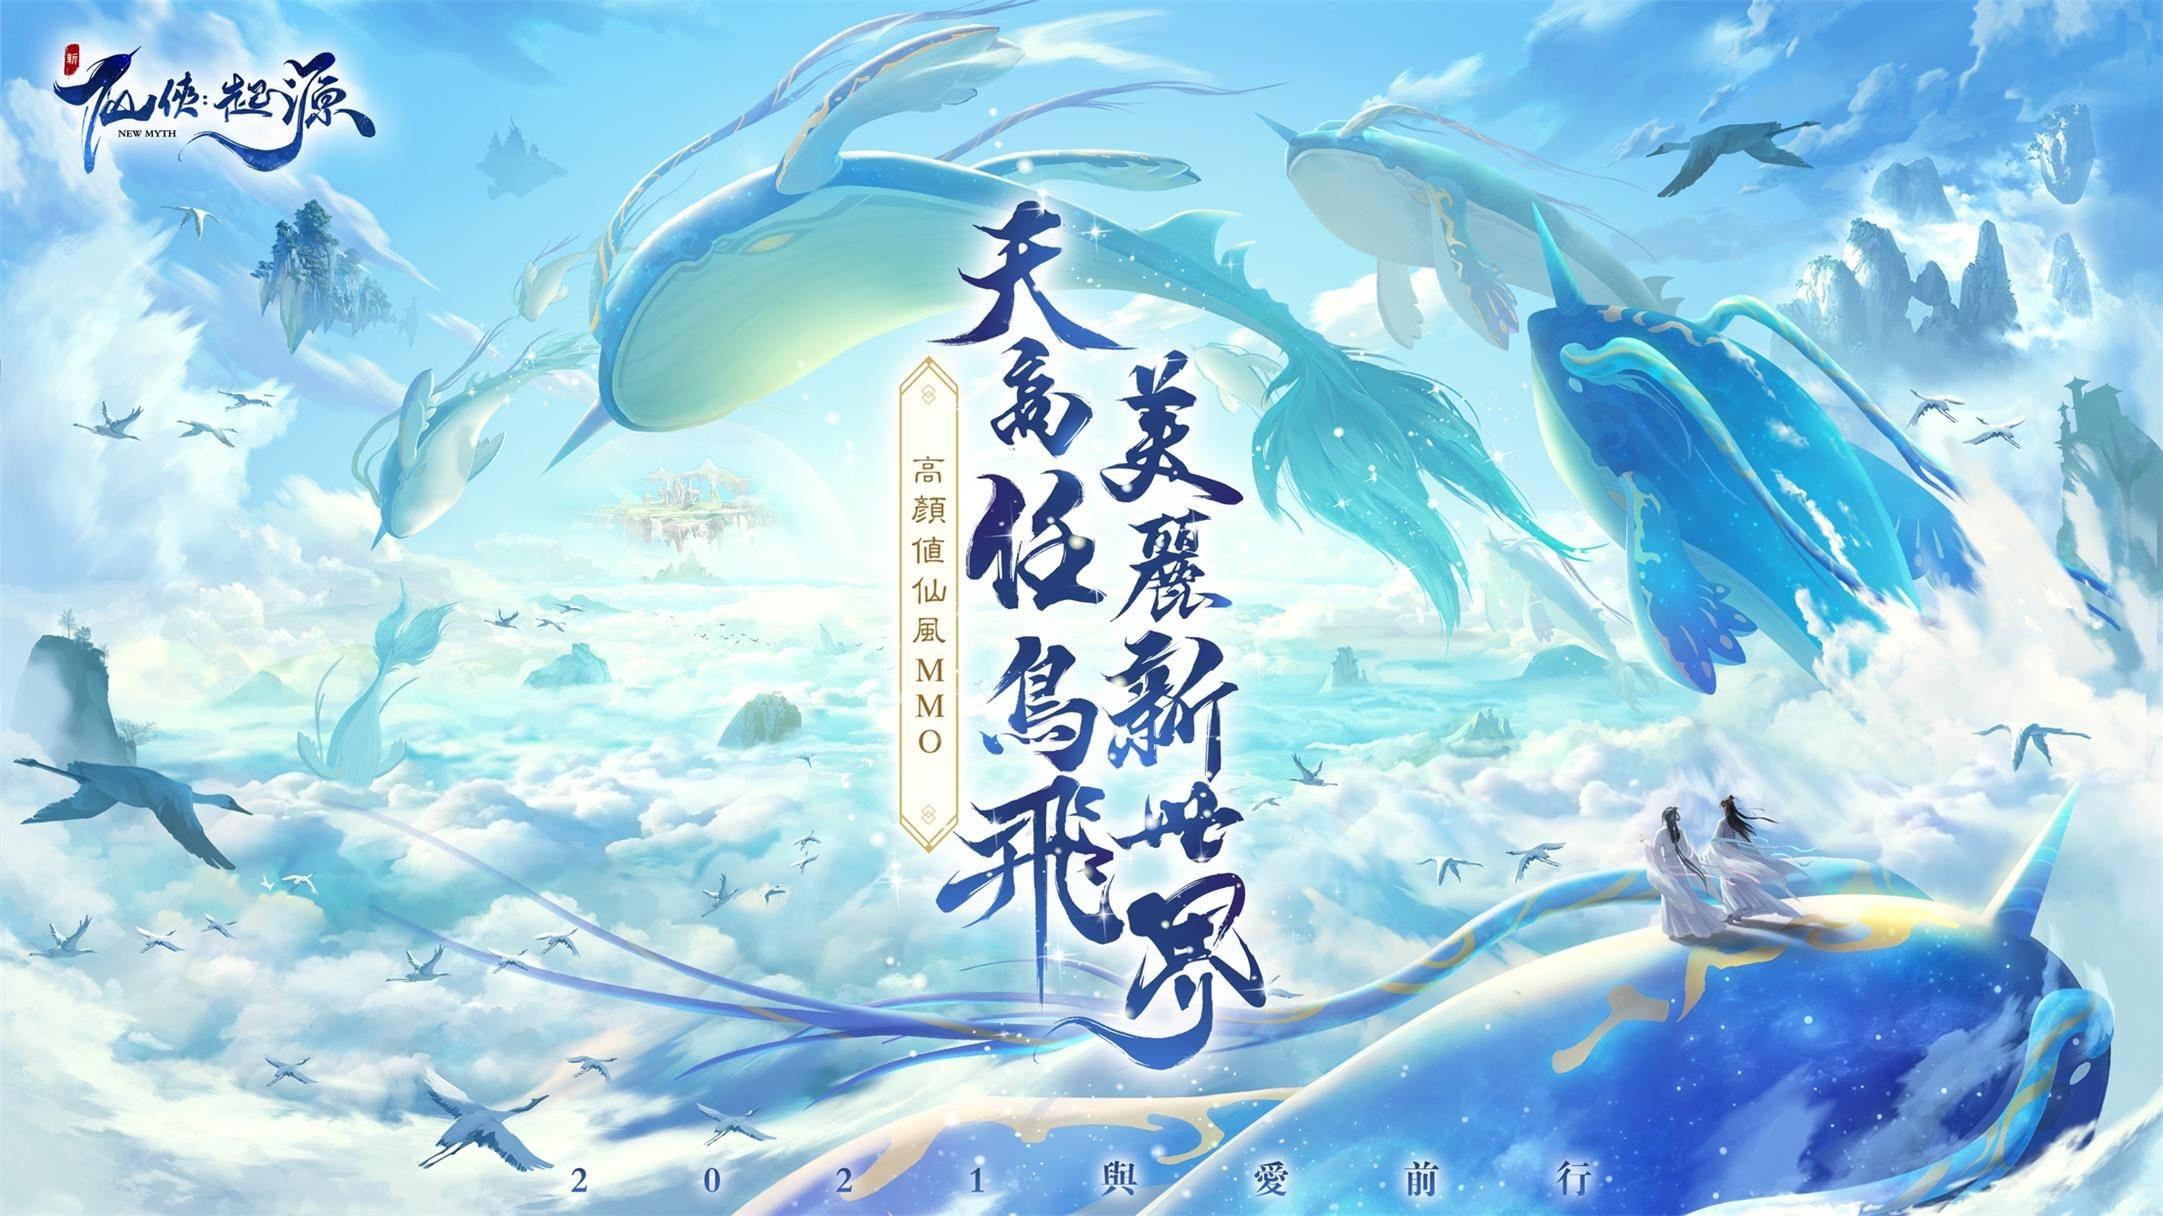 2021開篇仙俠MMO巨作《新仙俠:起源》 俠骨柔情共赴新起源!